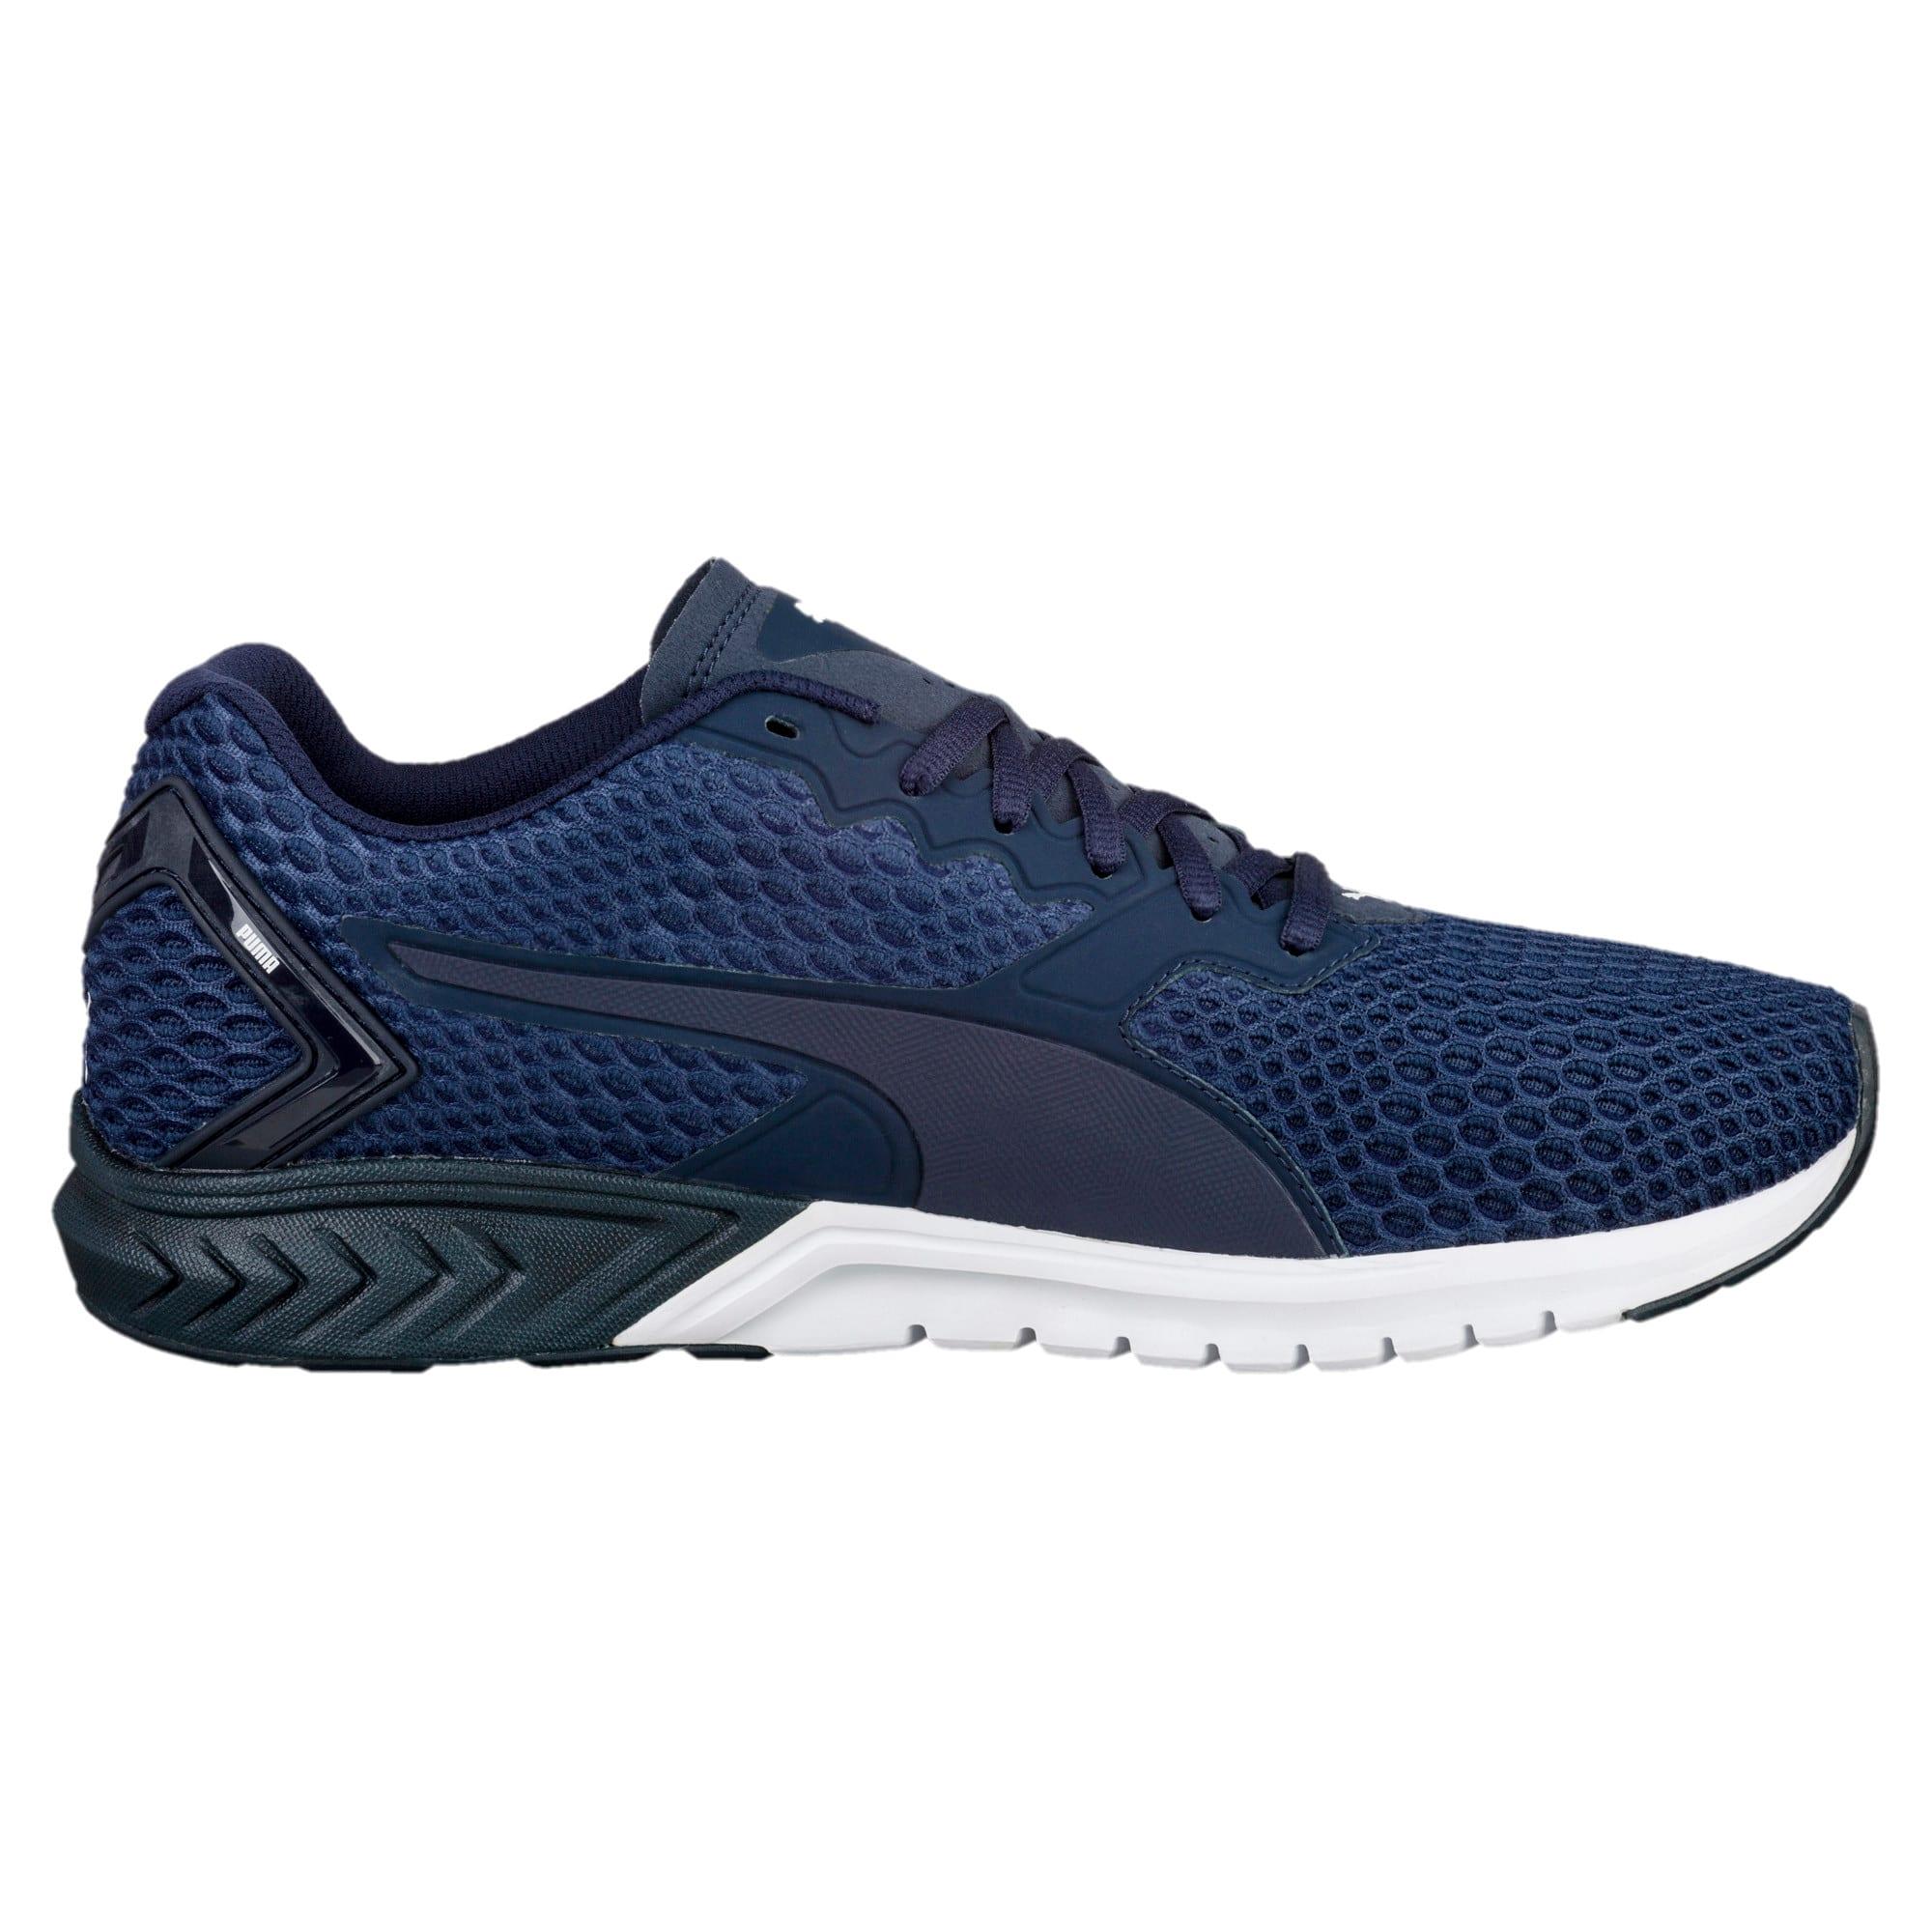 Thumbnail 4 of IGNITE Dual New Core Men's Training Shoes, Peacoat-Sargasso Sea, medium-IND